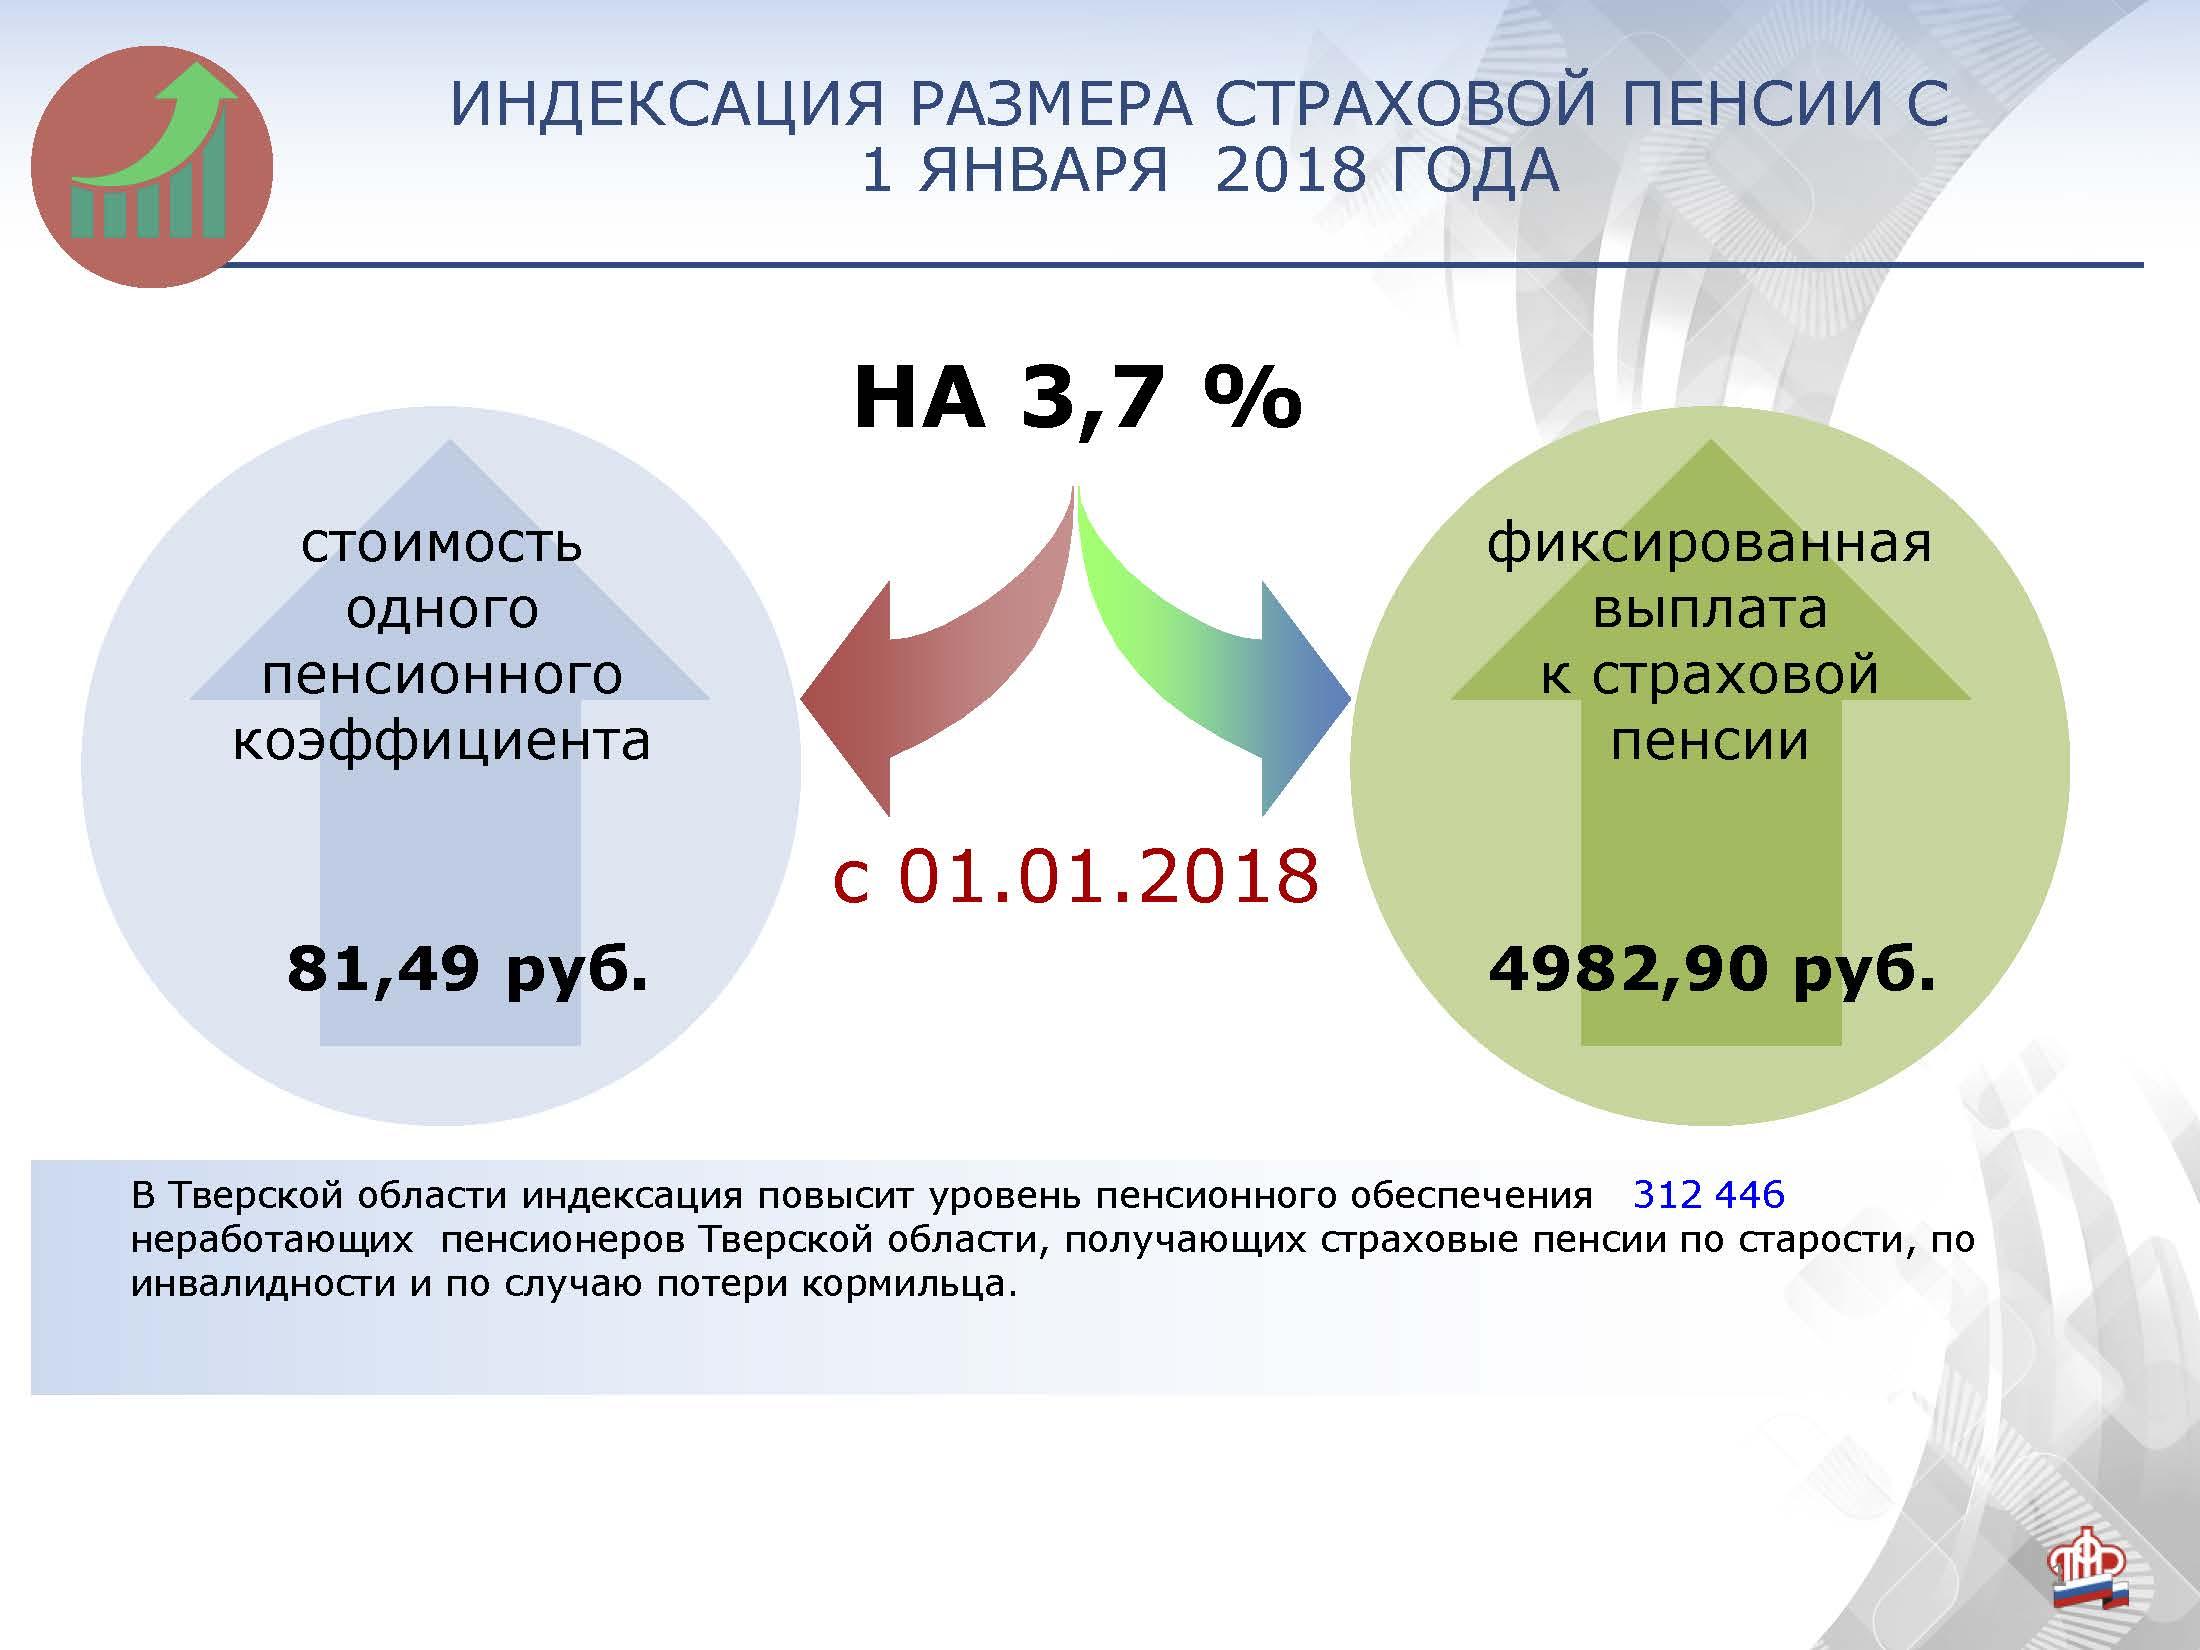 Набор социальных услуг: что это и что включает в себя, стоимость набора в 2018 году, условия и порядок предоставления, отказ от НСУ